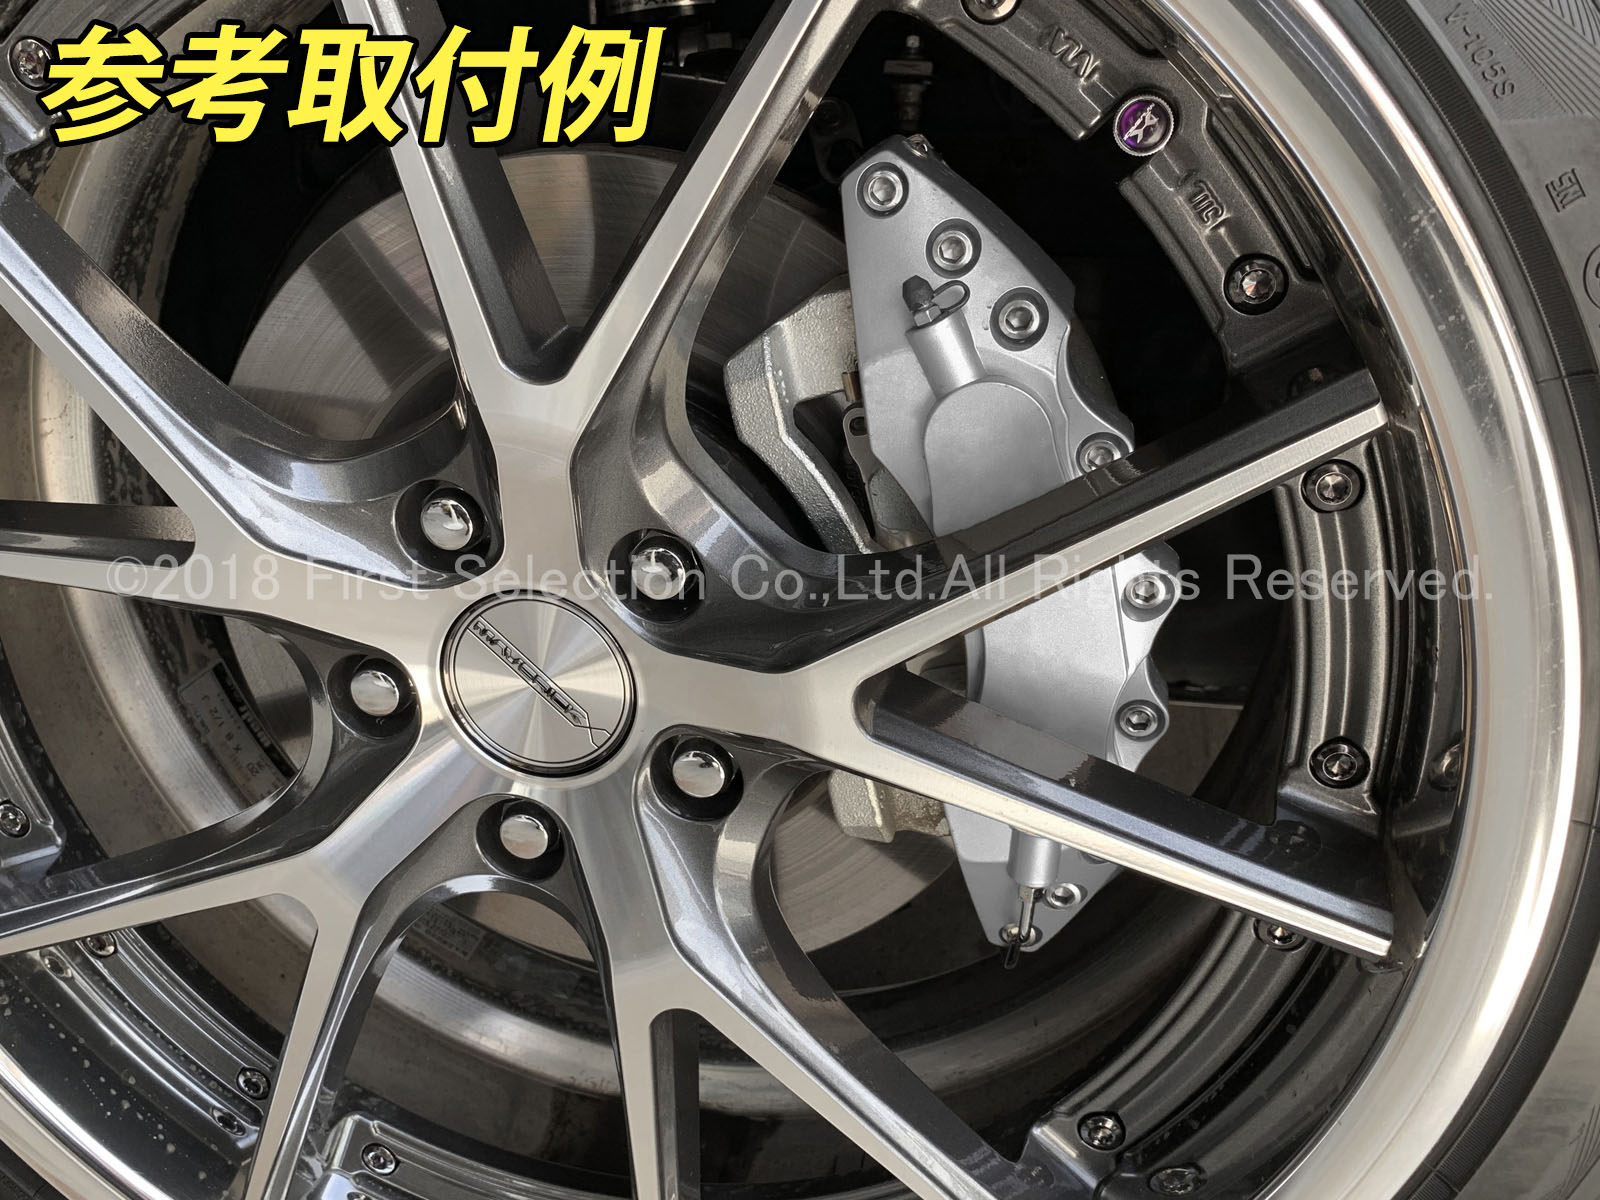 BMW車 BMW黒文字 汎用高品質キャリパーカバーL/Mサイズセット 銀 シルバー